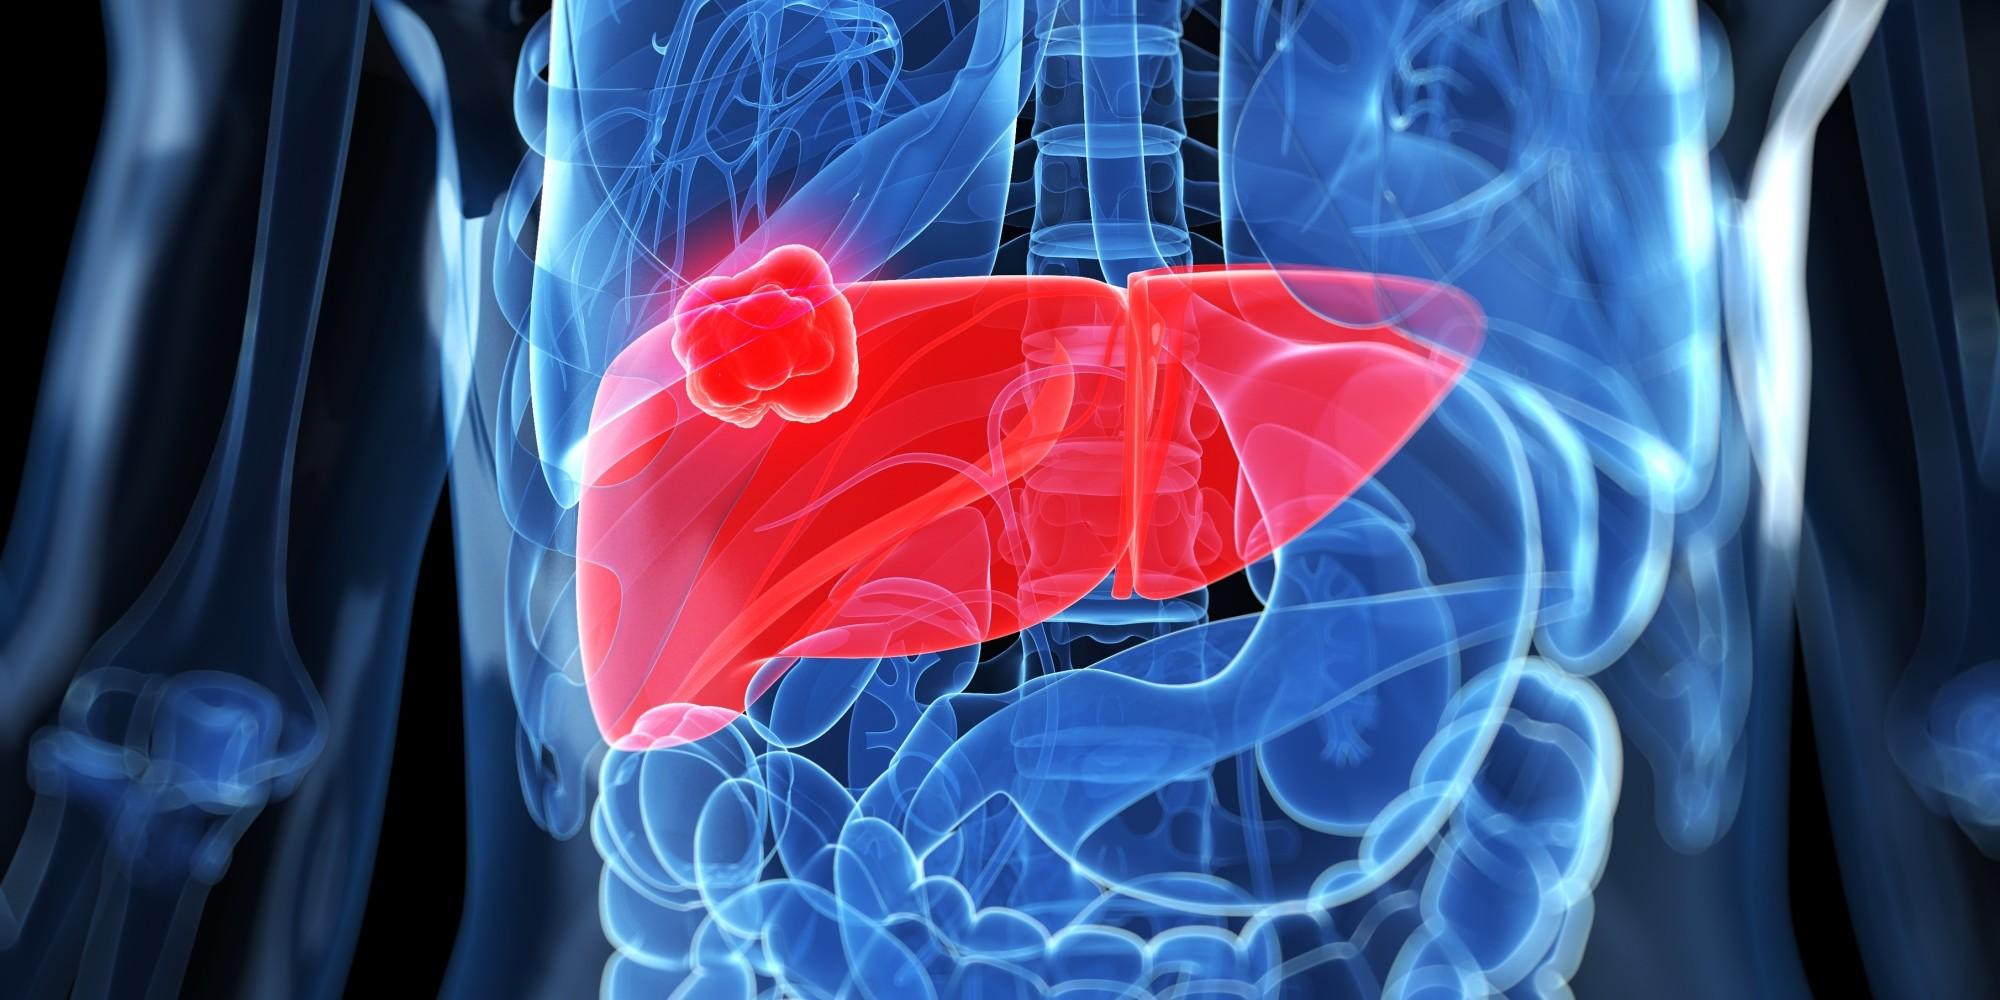 Se deixar de beber um fígado diminuirá